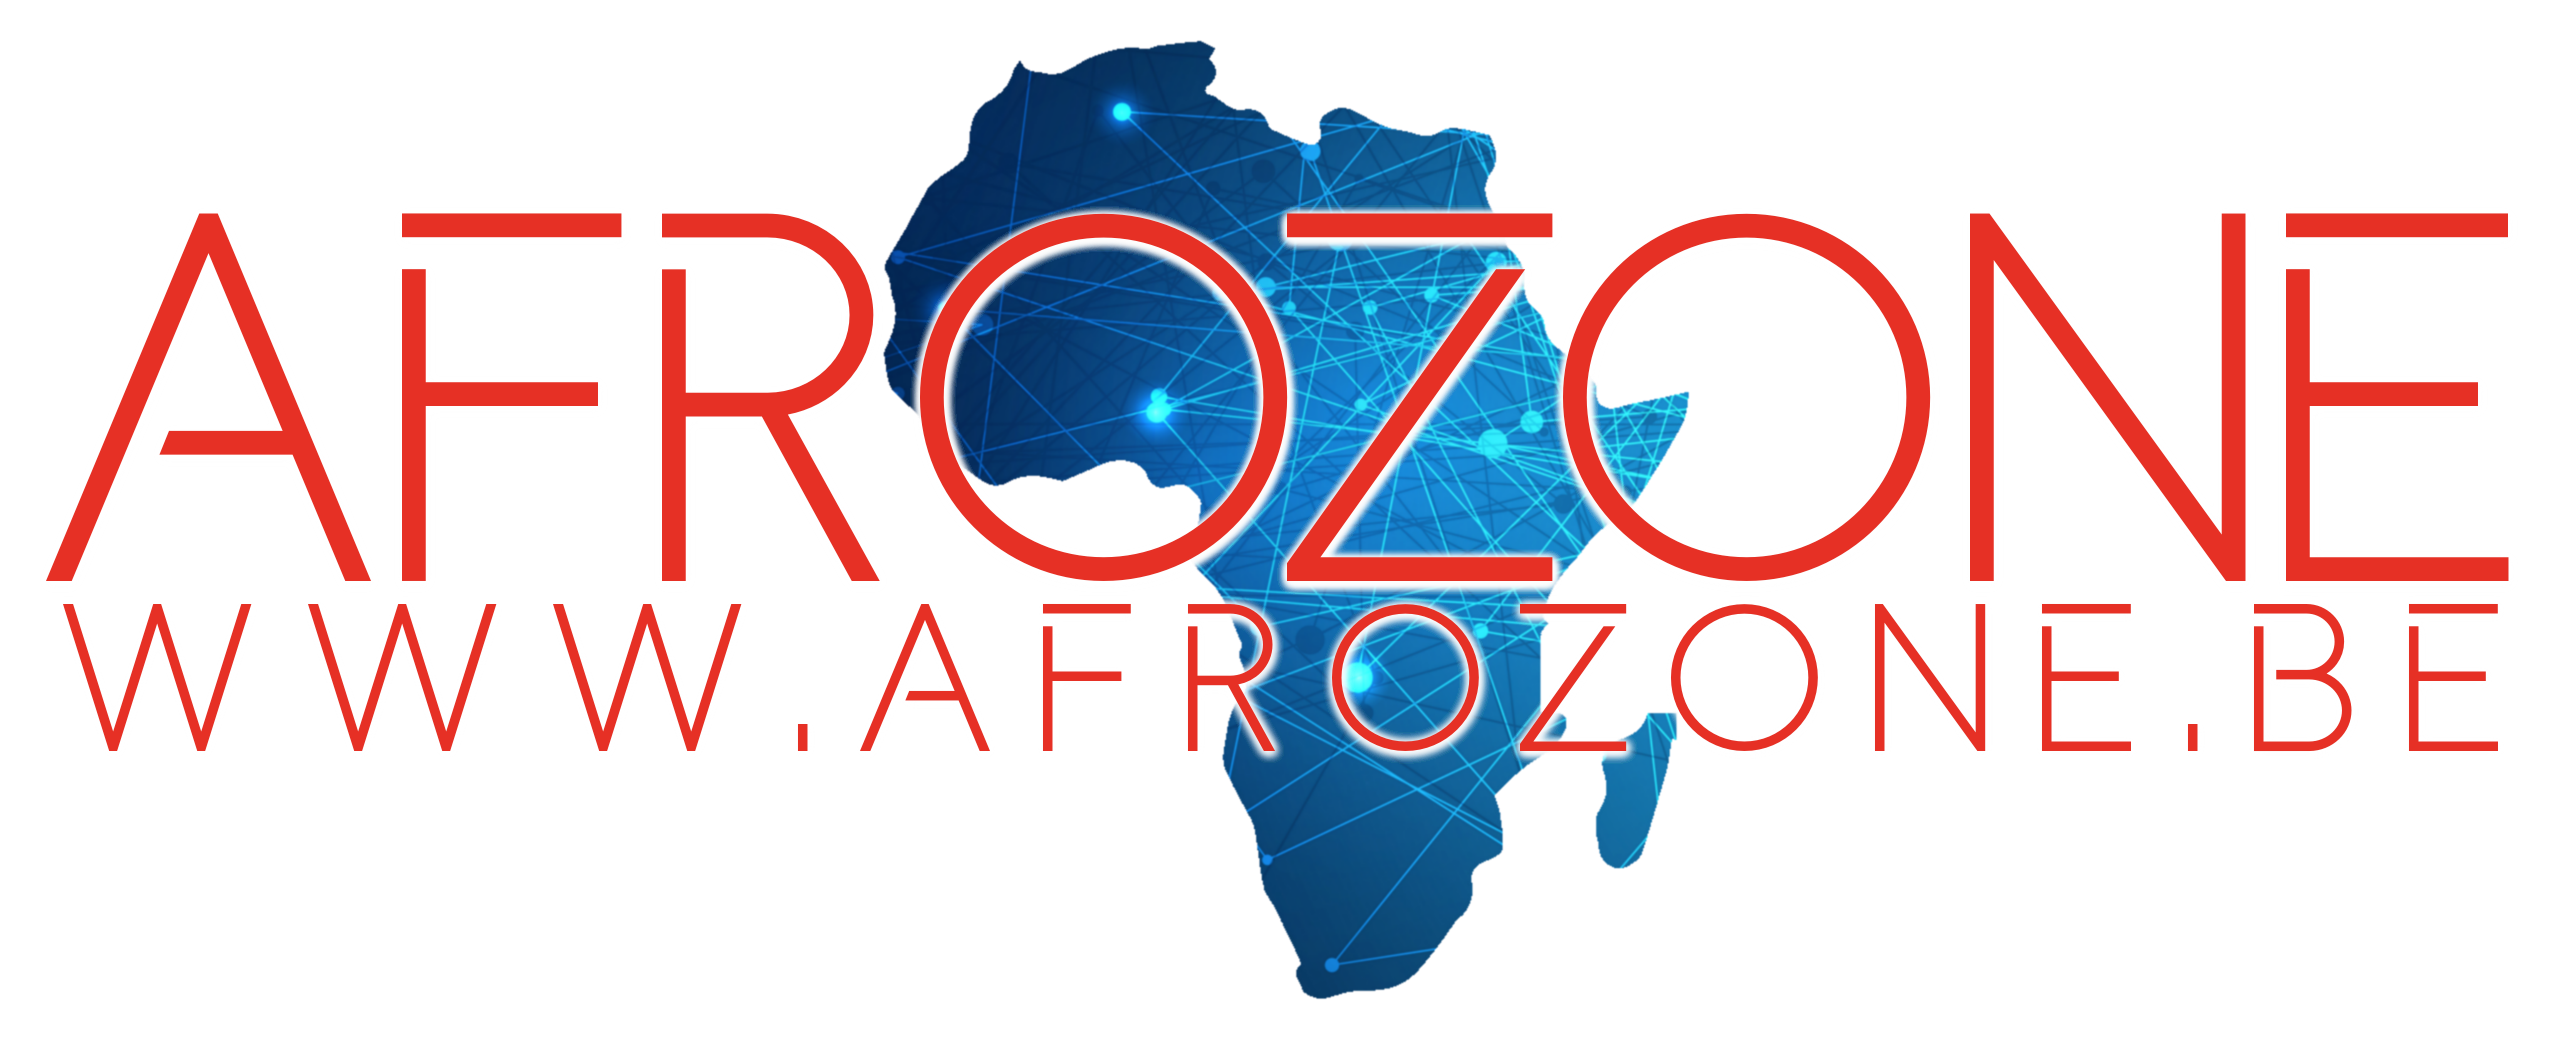 Afrozone | L'Afrique à portée de clique